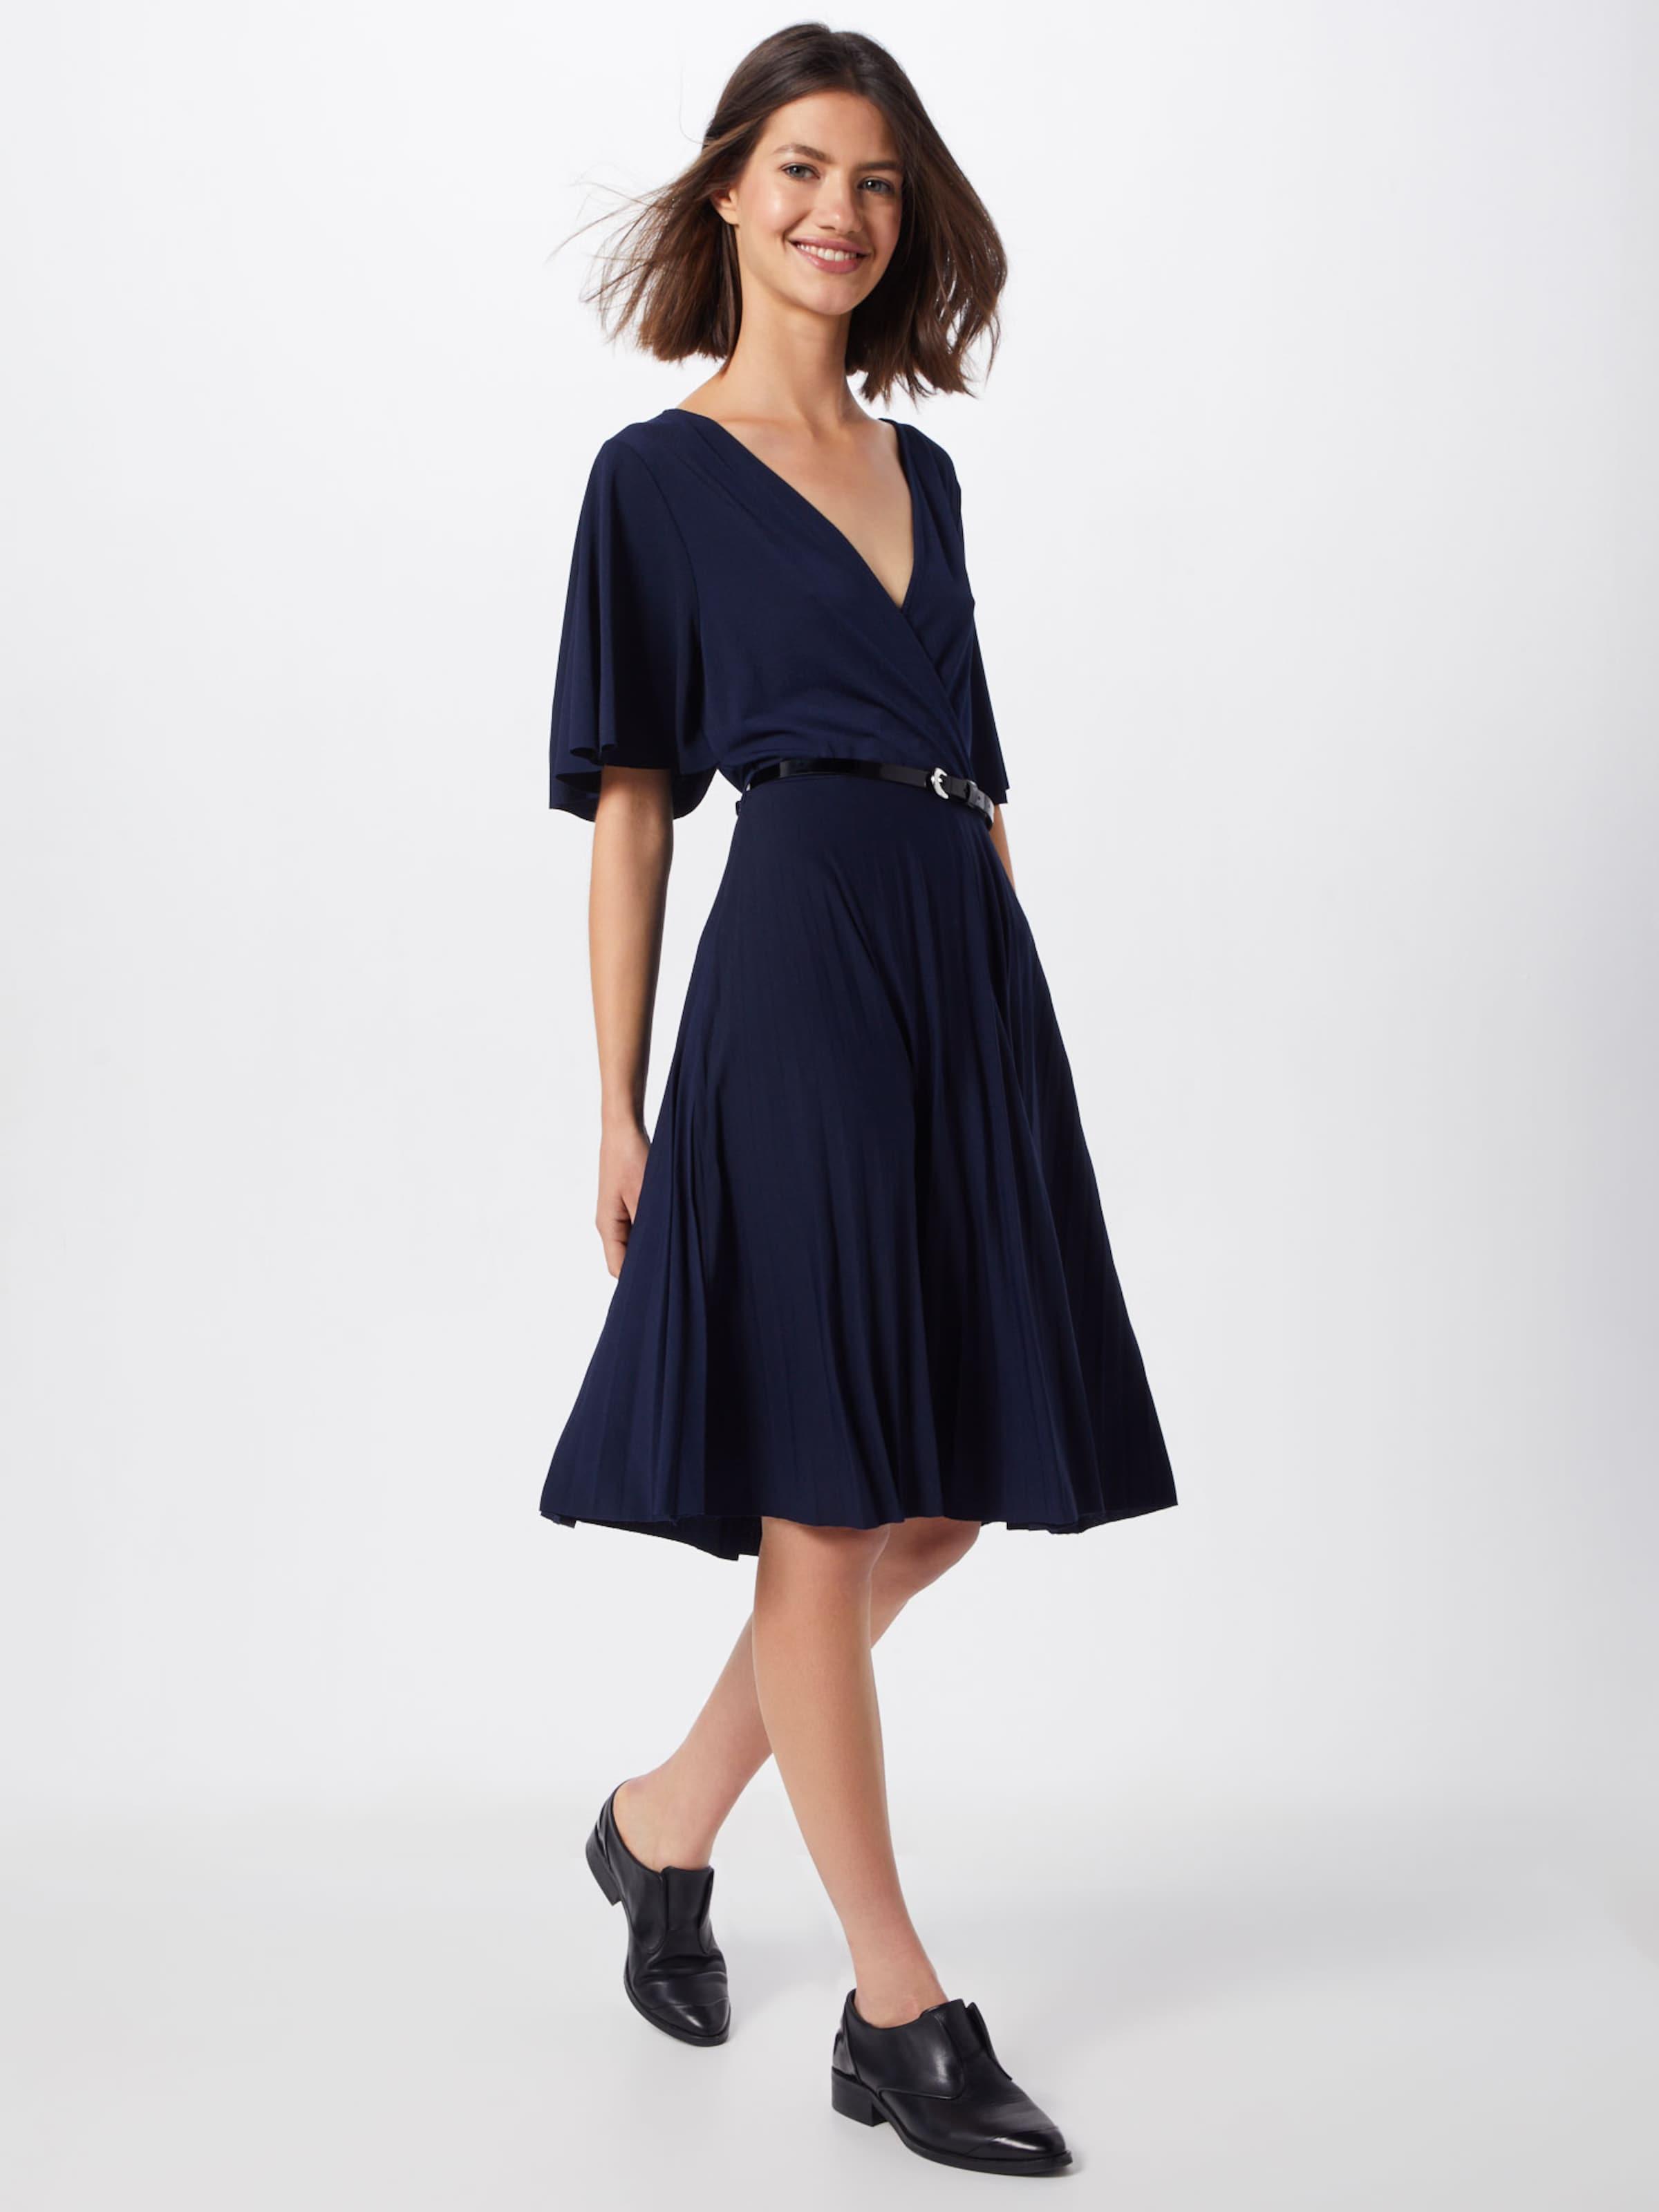 You En Marine 'bella' About Robe Bleu SVzUMp